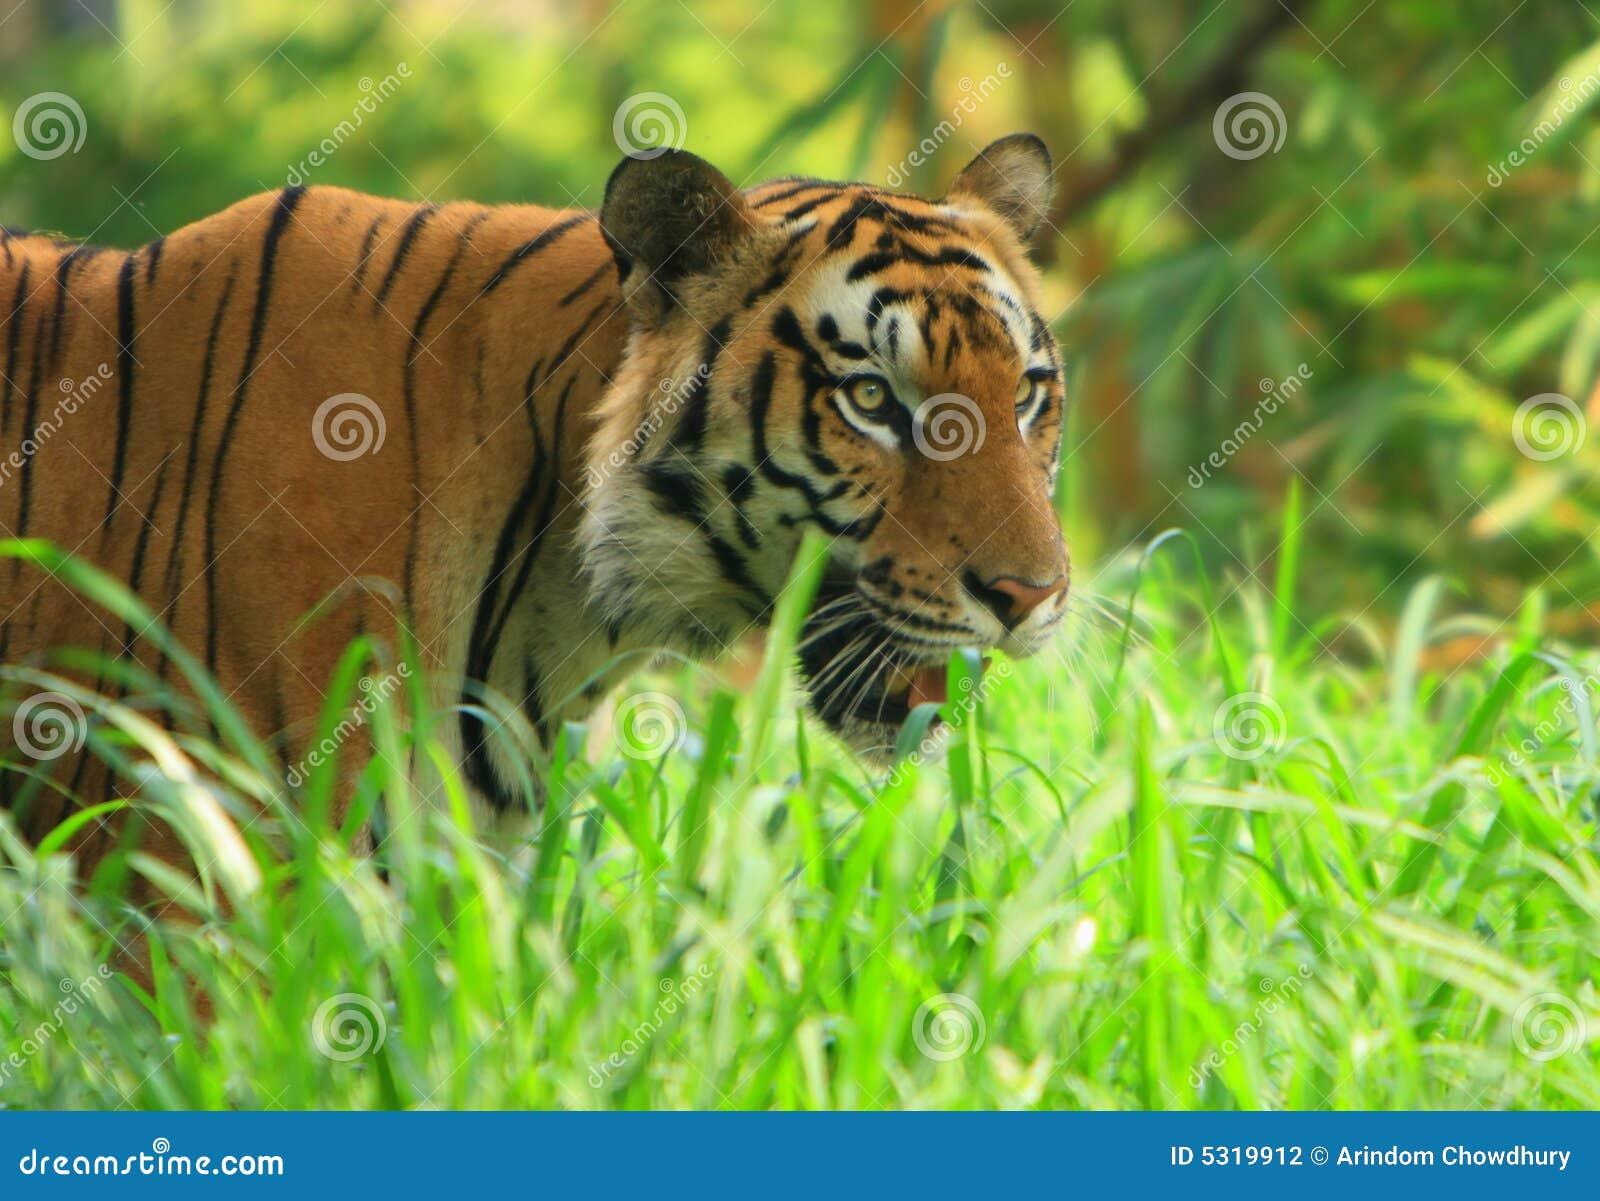 Download Tigre fotografia stock. Immagine di animale, bellezza - 5319912